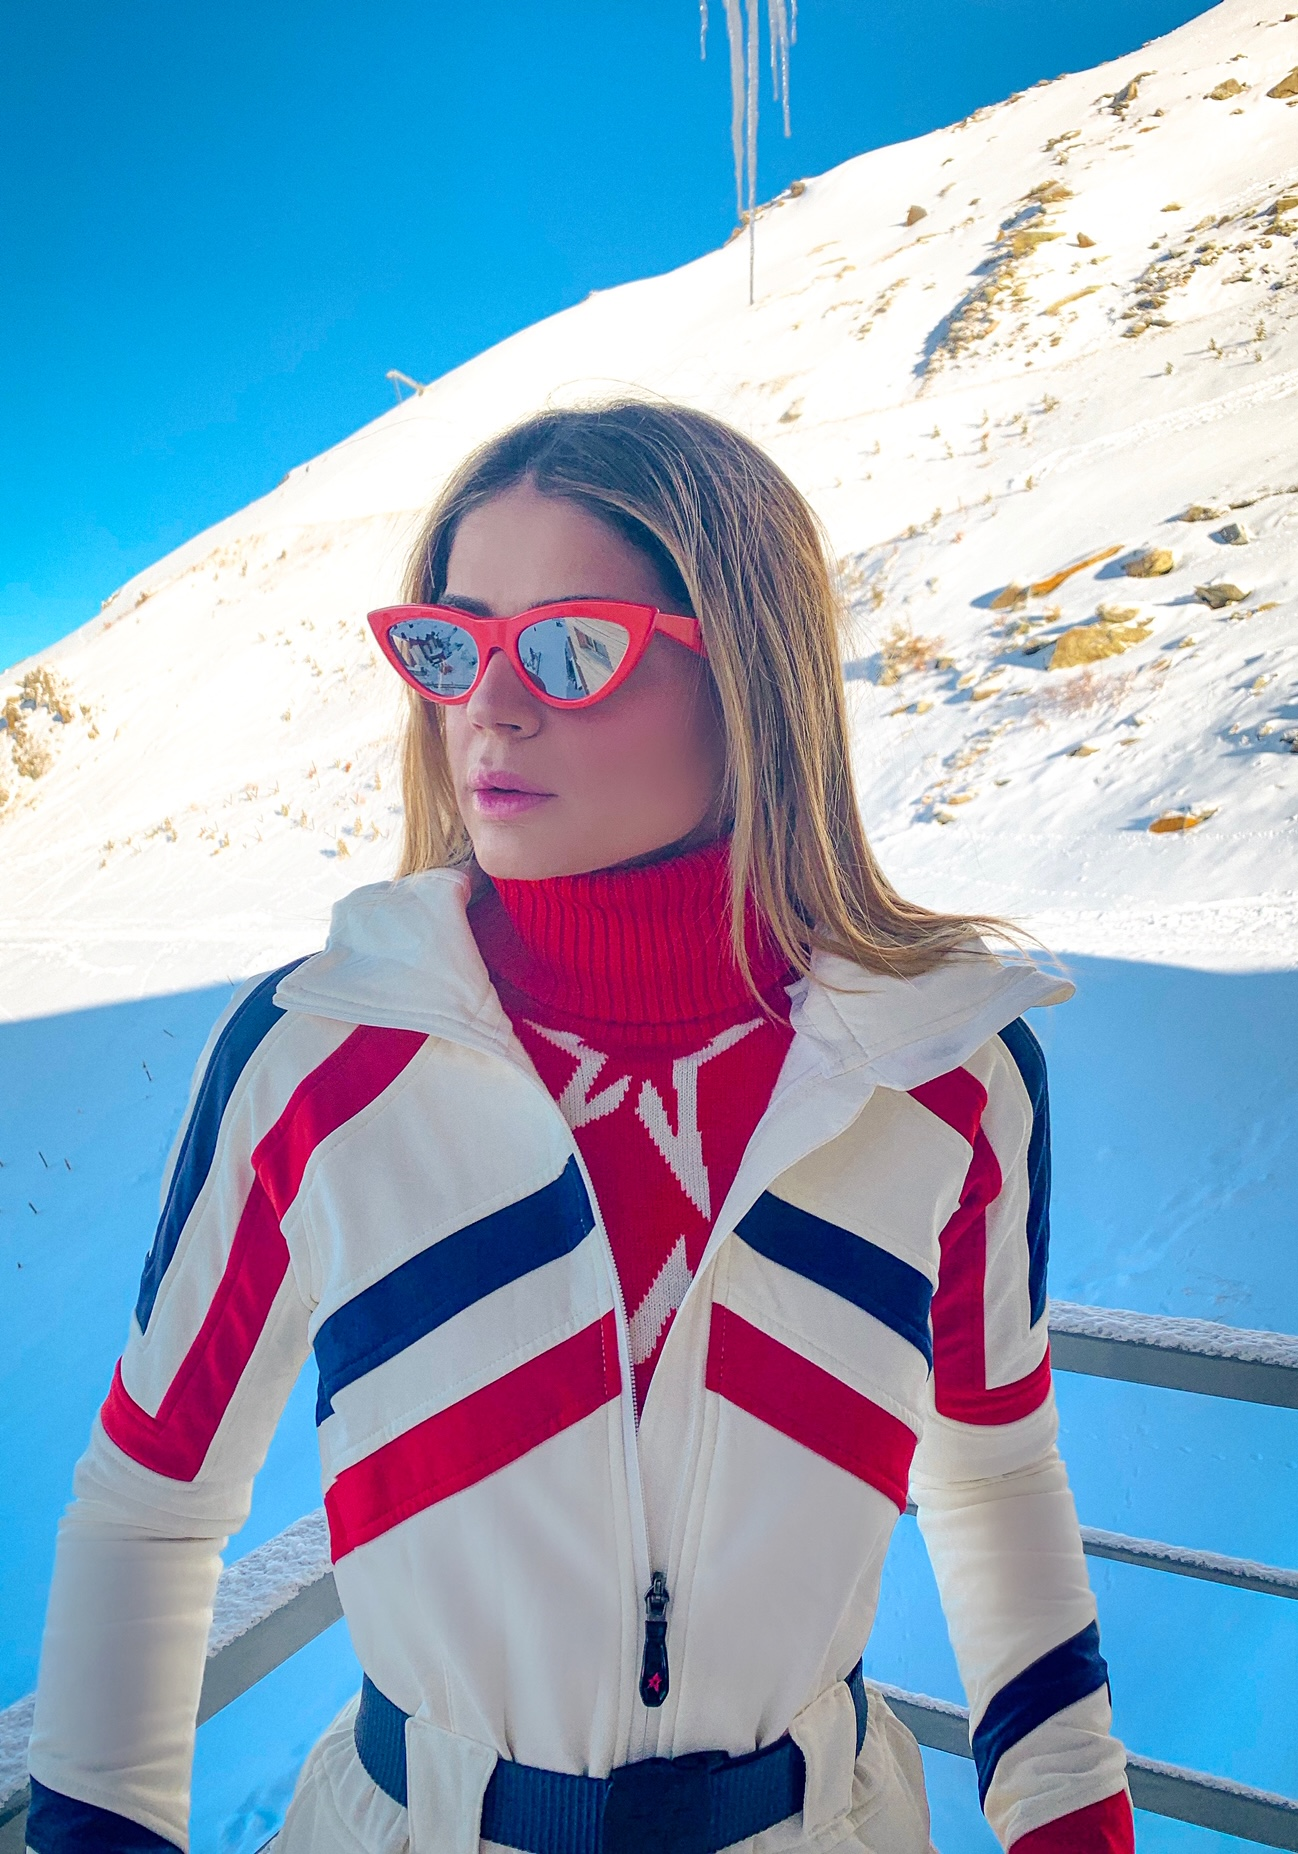 Thássia esqui Val Thorens 9